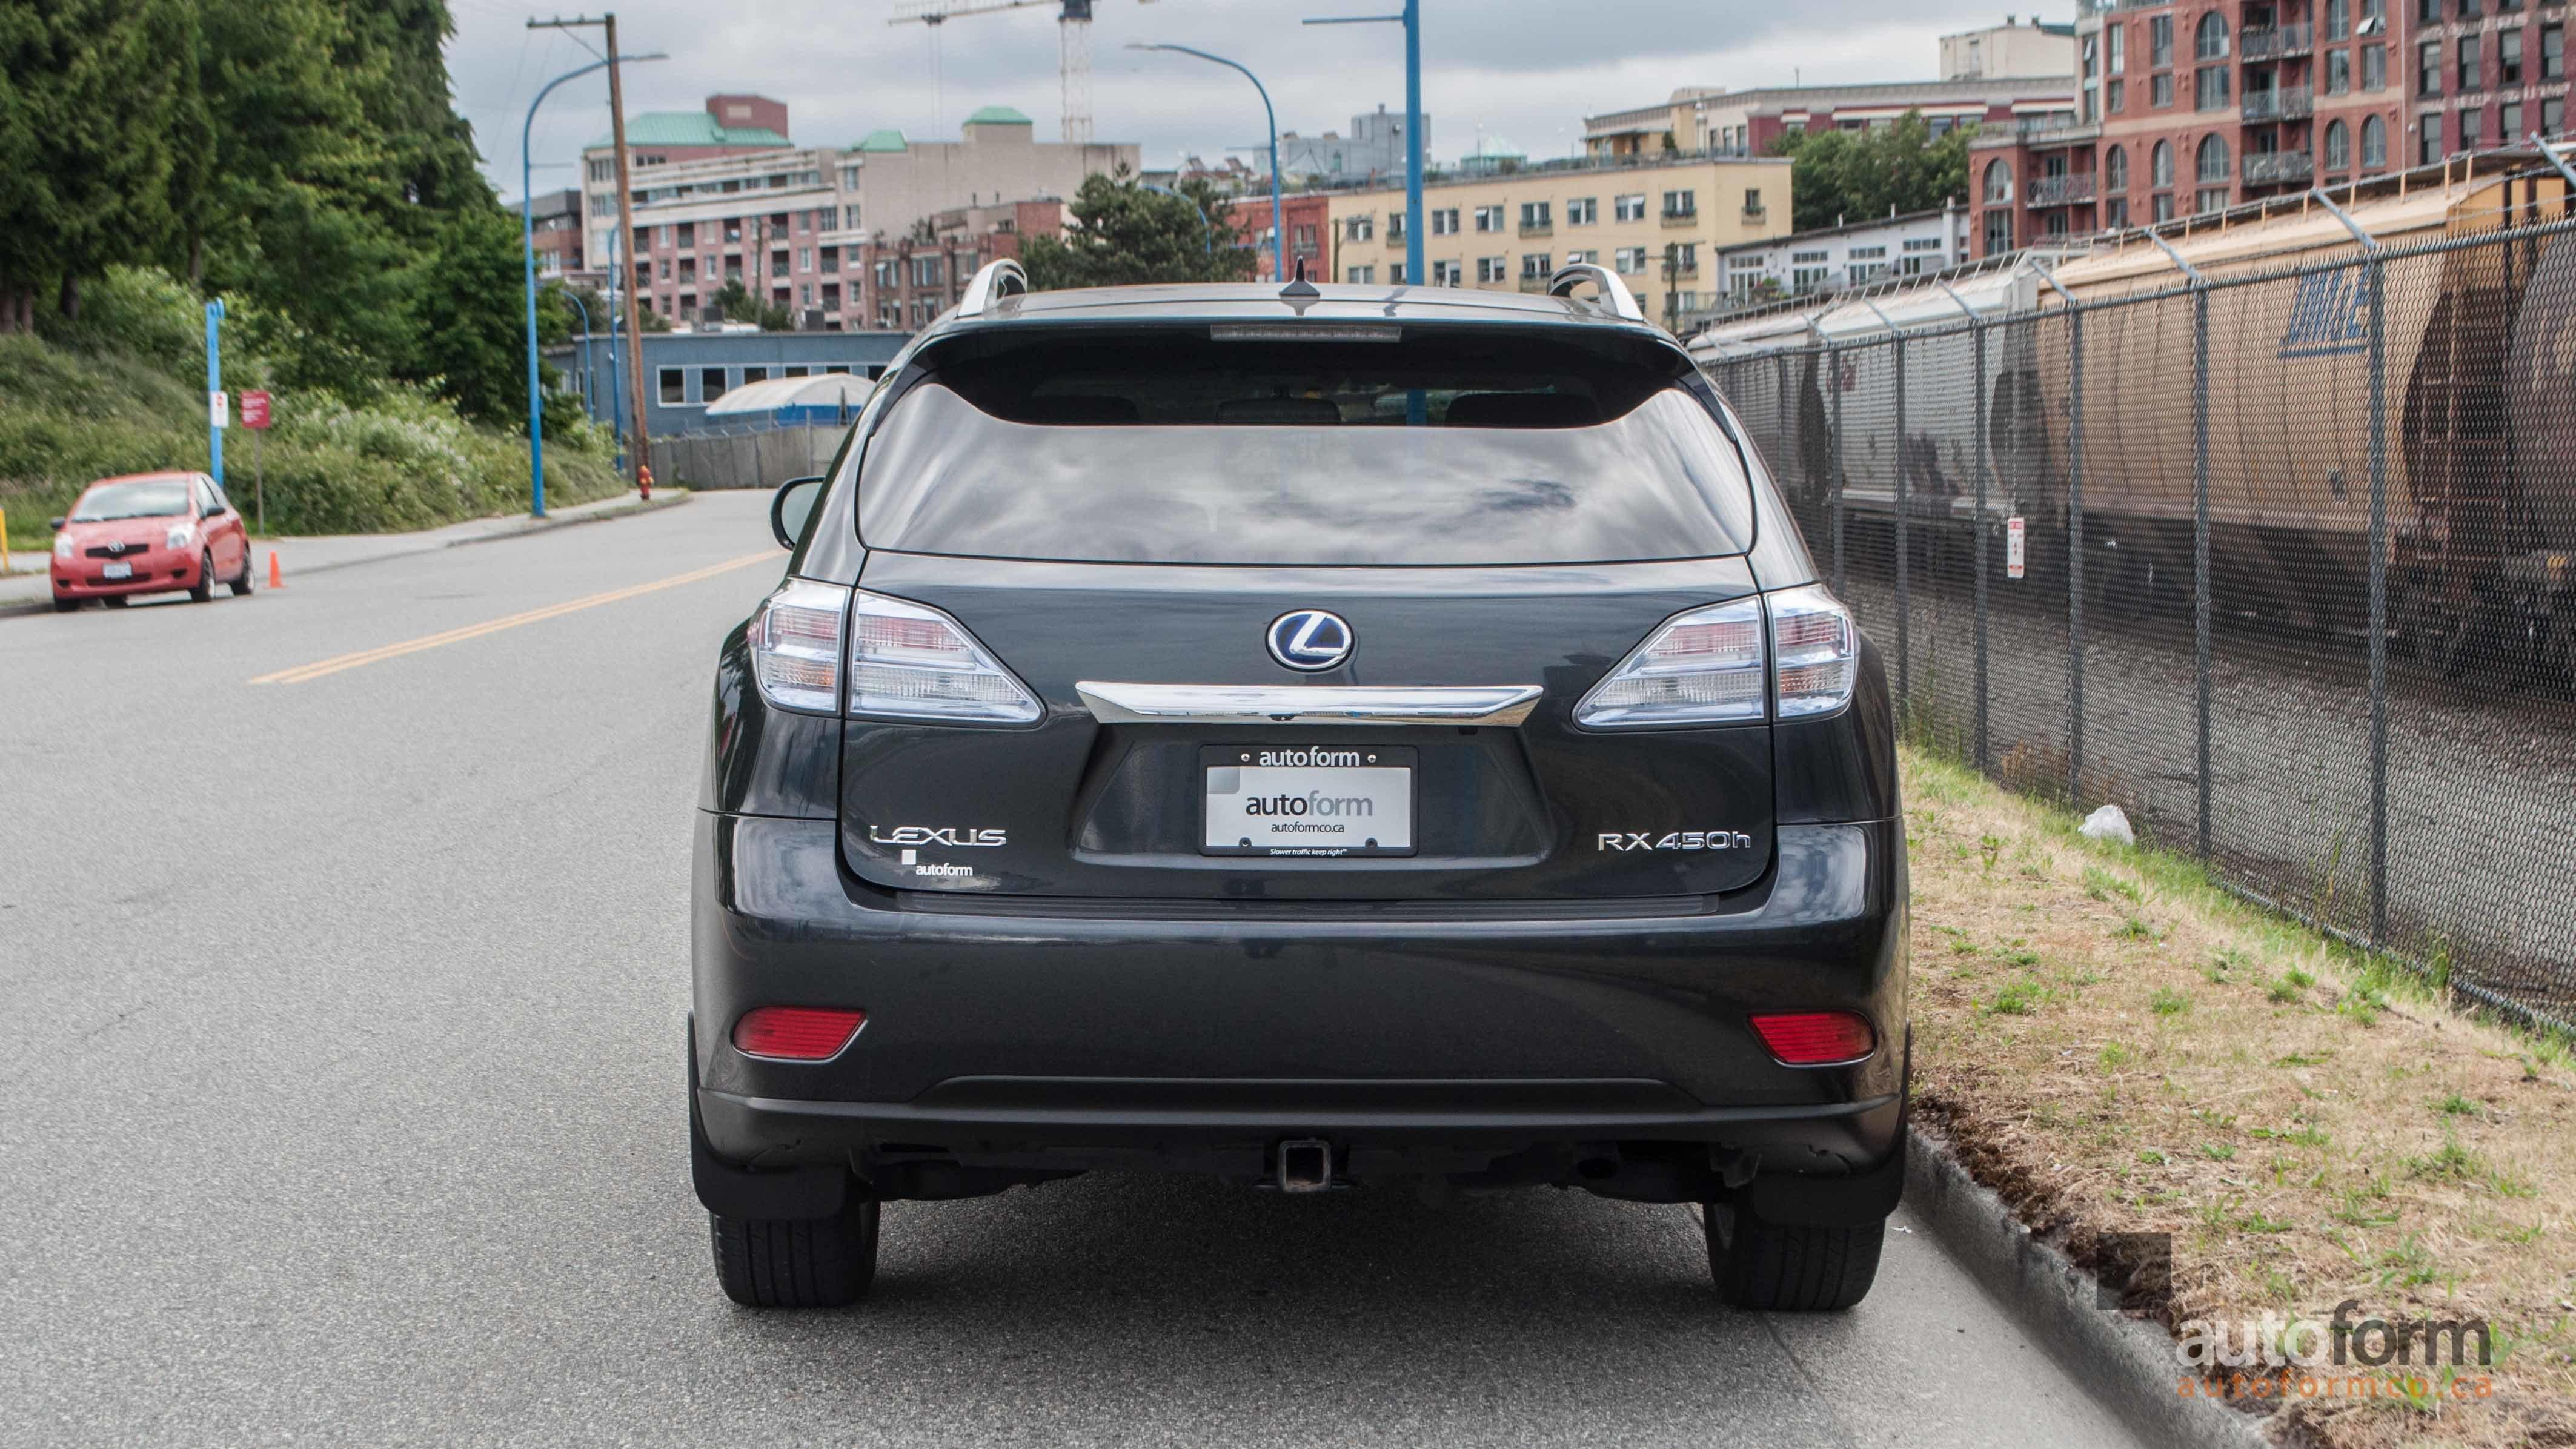 awd autoform lexus vancouver vehicles lease hybrid rx